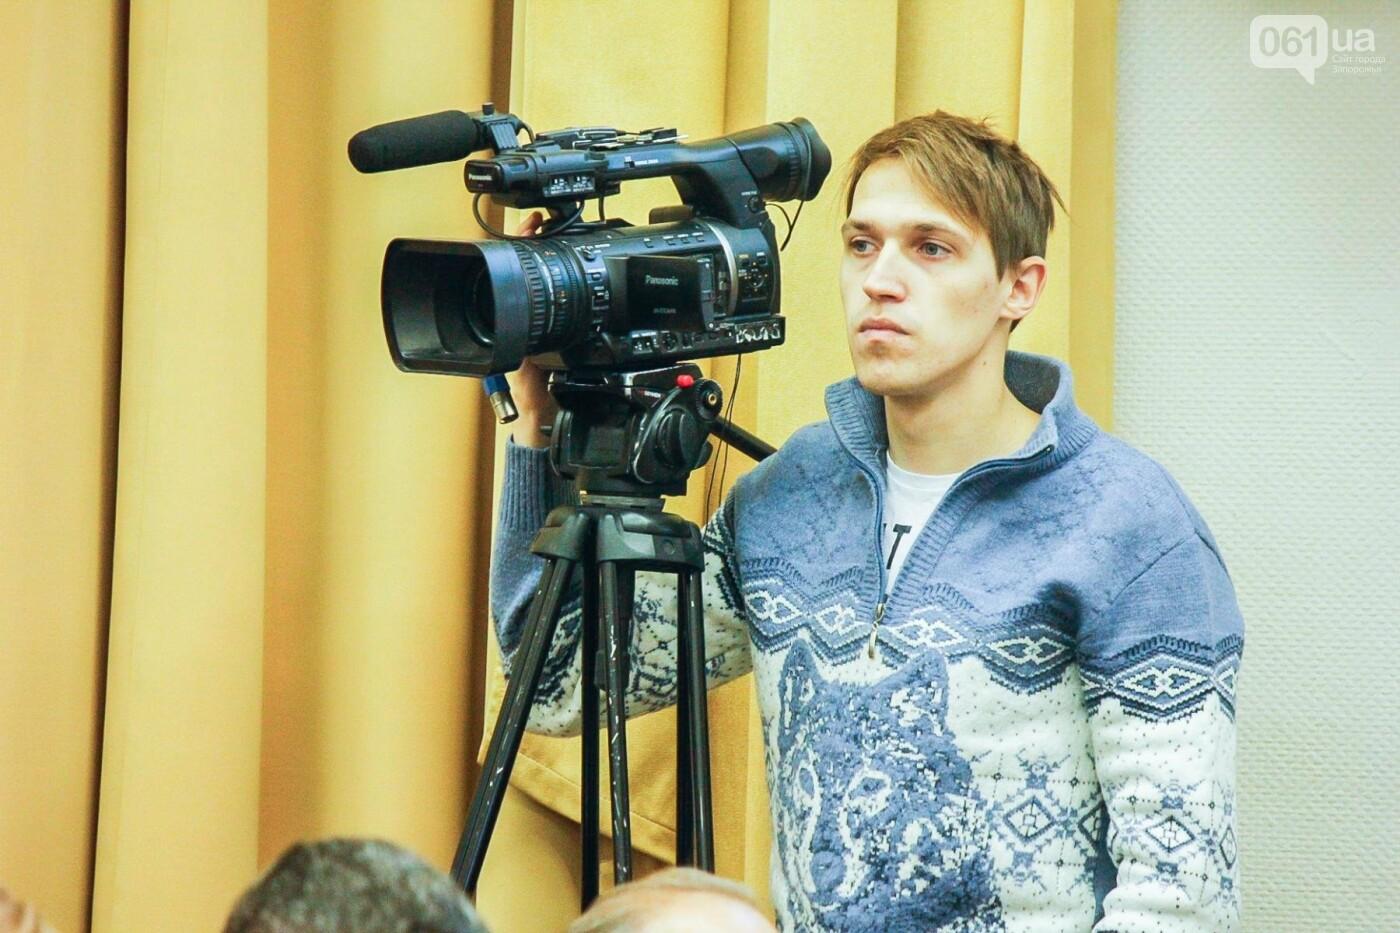 Сессия запорожского горсовета в лицах, - ФОТОРЕПОРТАЖ, фото-32